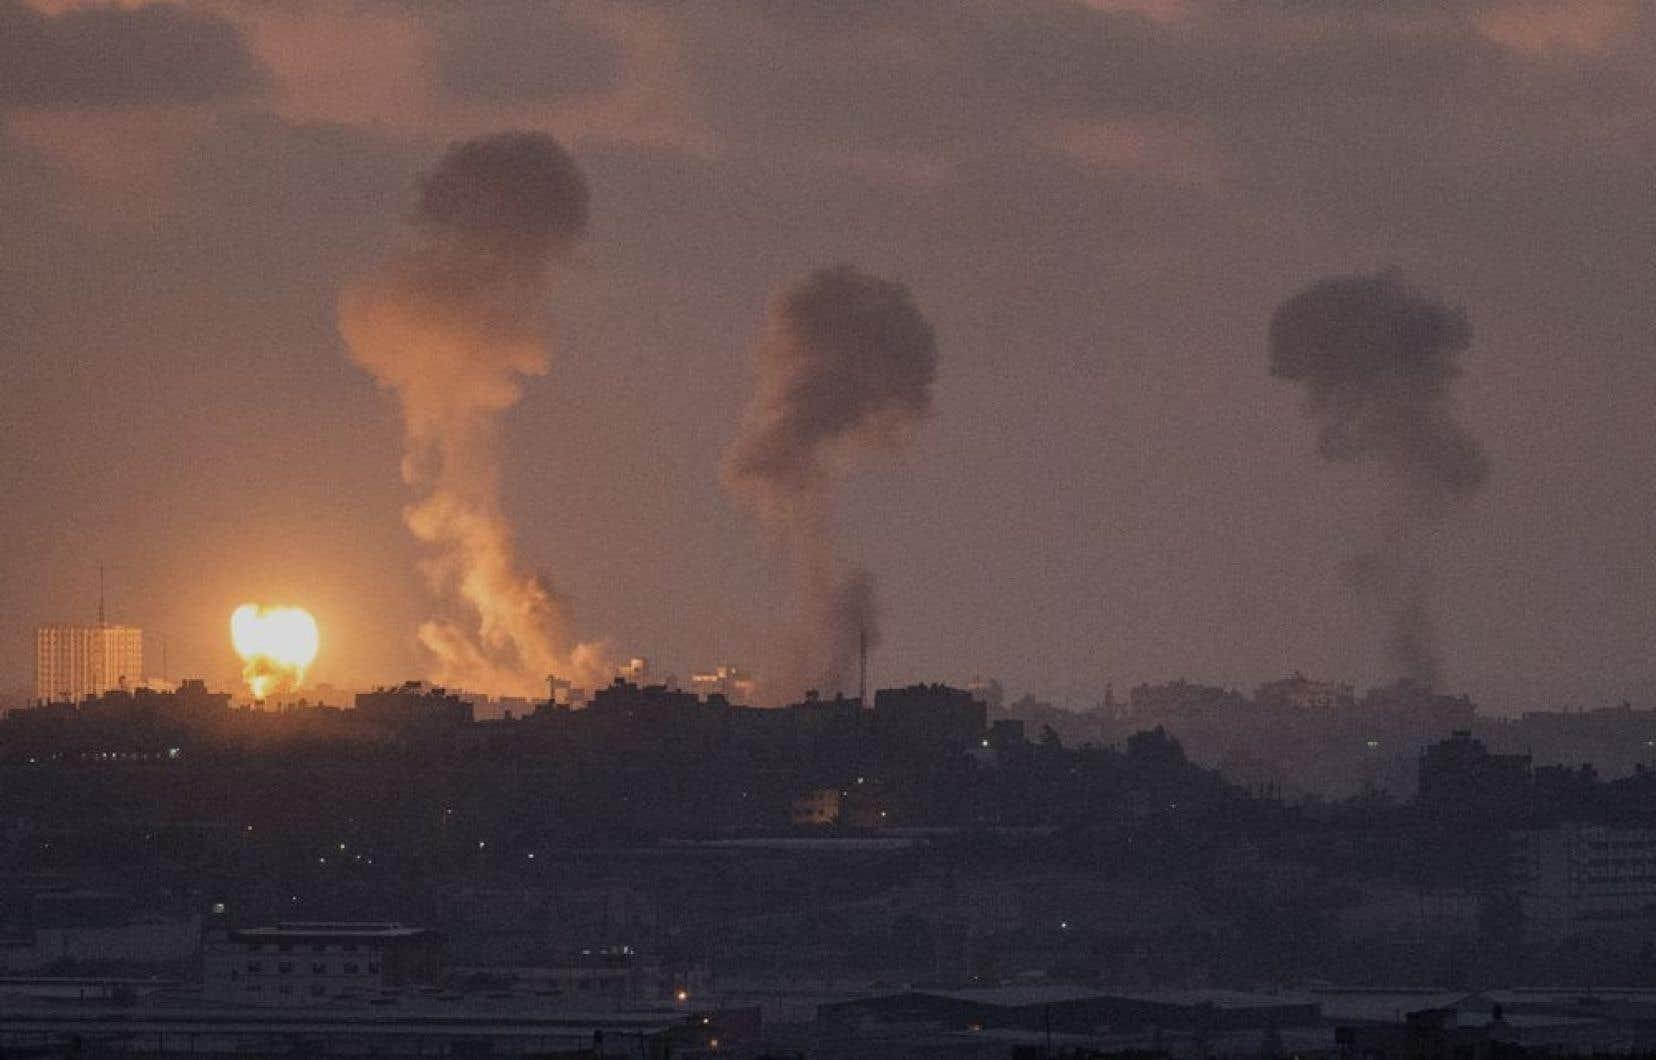 Des frappes de l'aviation israélienne ont frappé Gaza mardi, tuant une quinzaine de personnes.